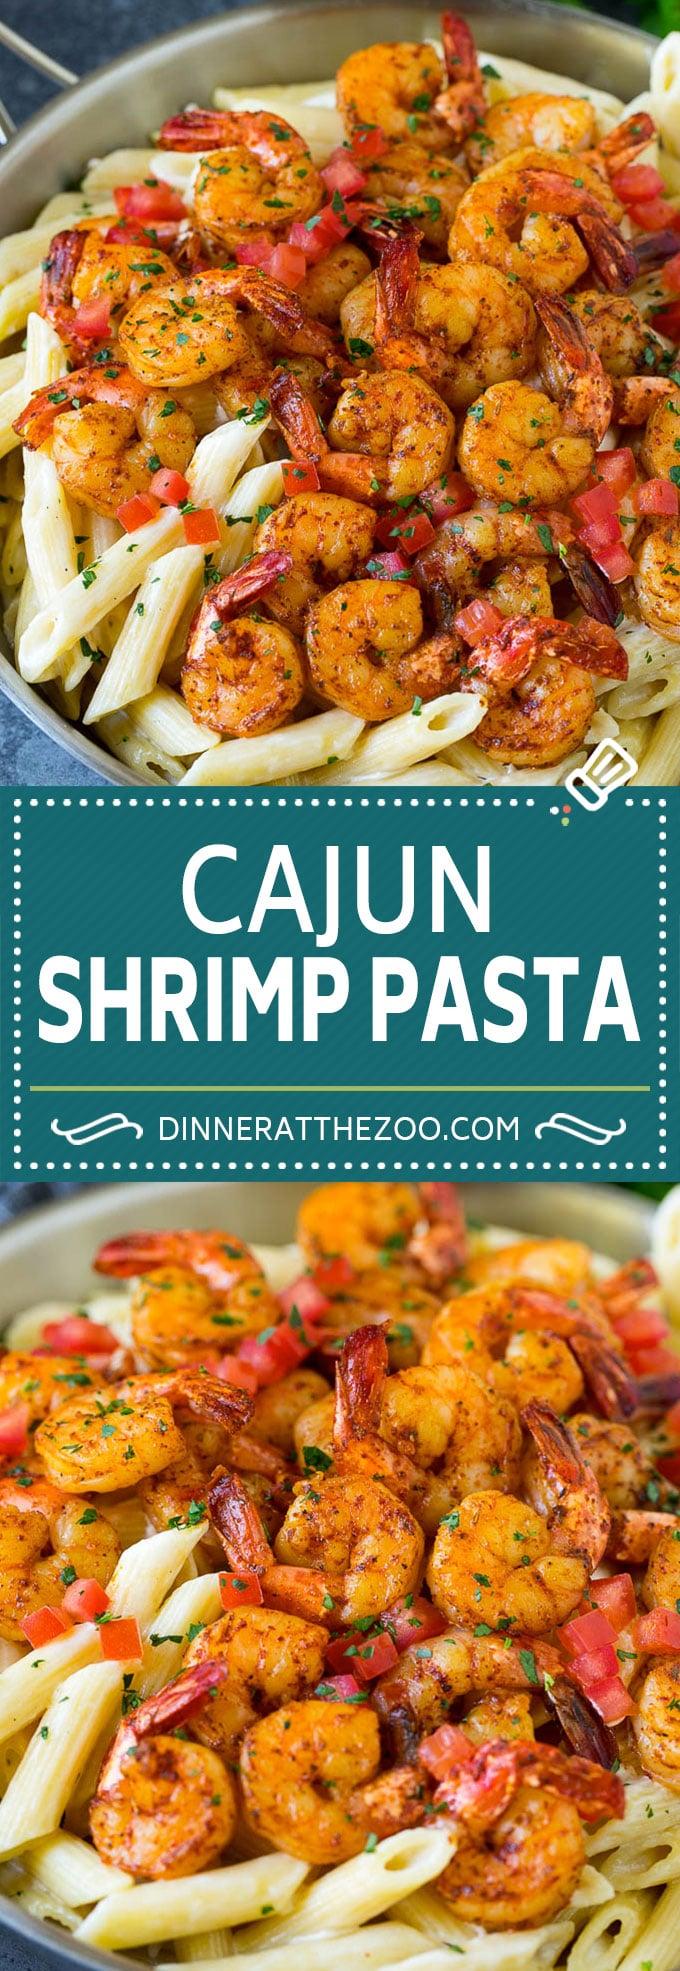 Cajun Shrimp Pasta Recipe | Shrimp Pasta | Creamy Pasta #pasta #shrimp #cajun #dinner #dinneratthezoo